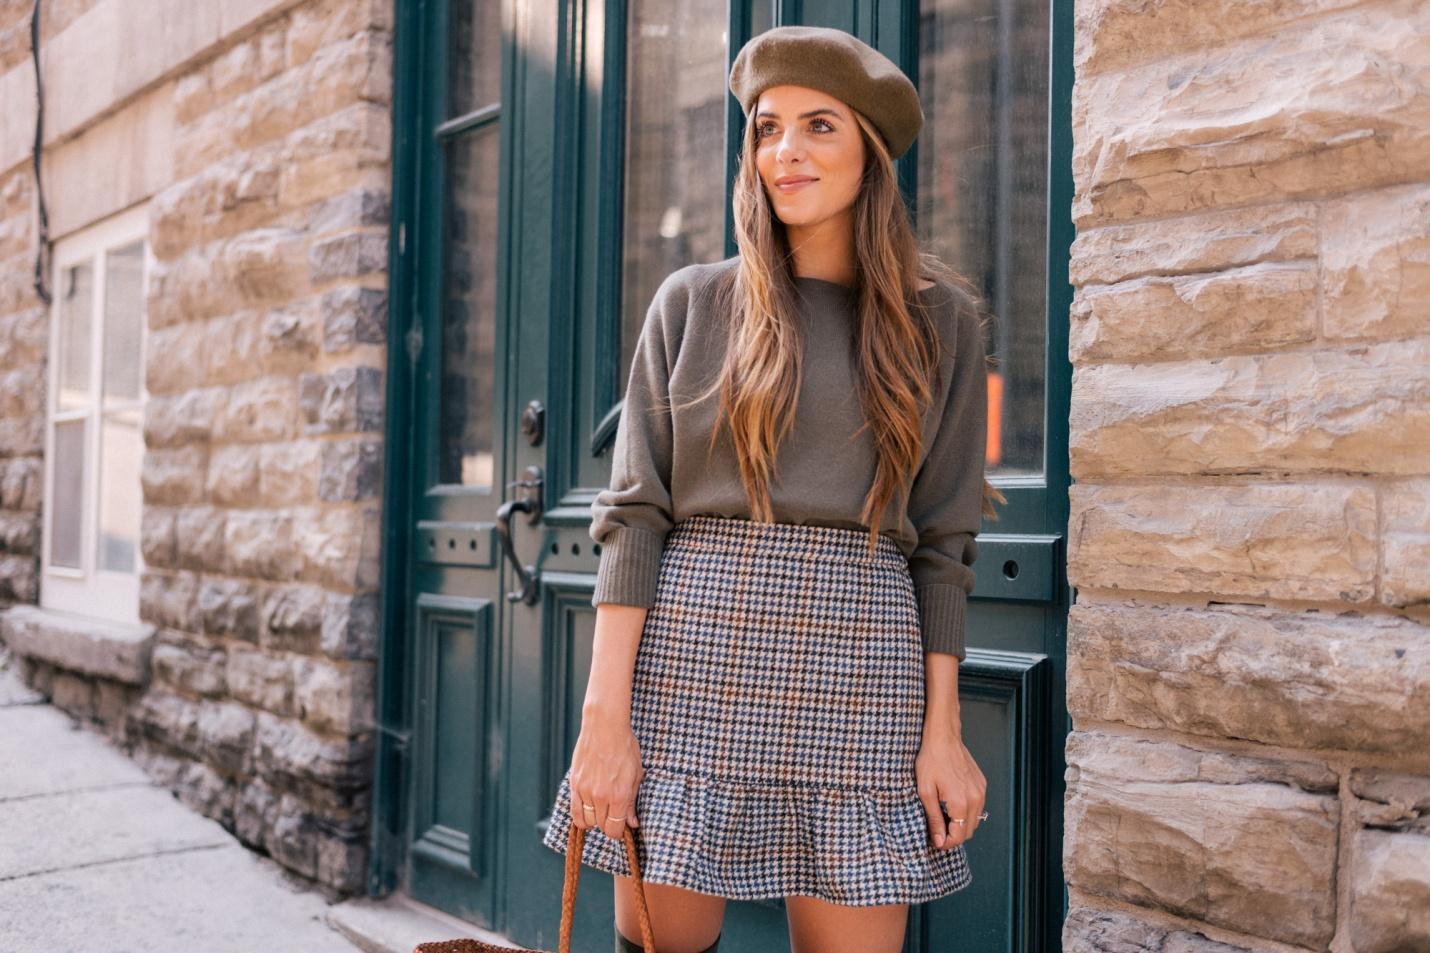 gmg-plaid-skirt-suede-jacket-1009122.jpg